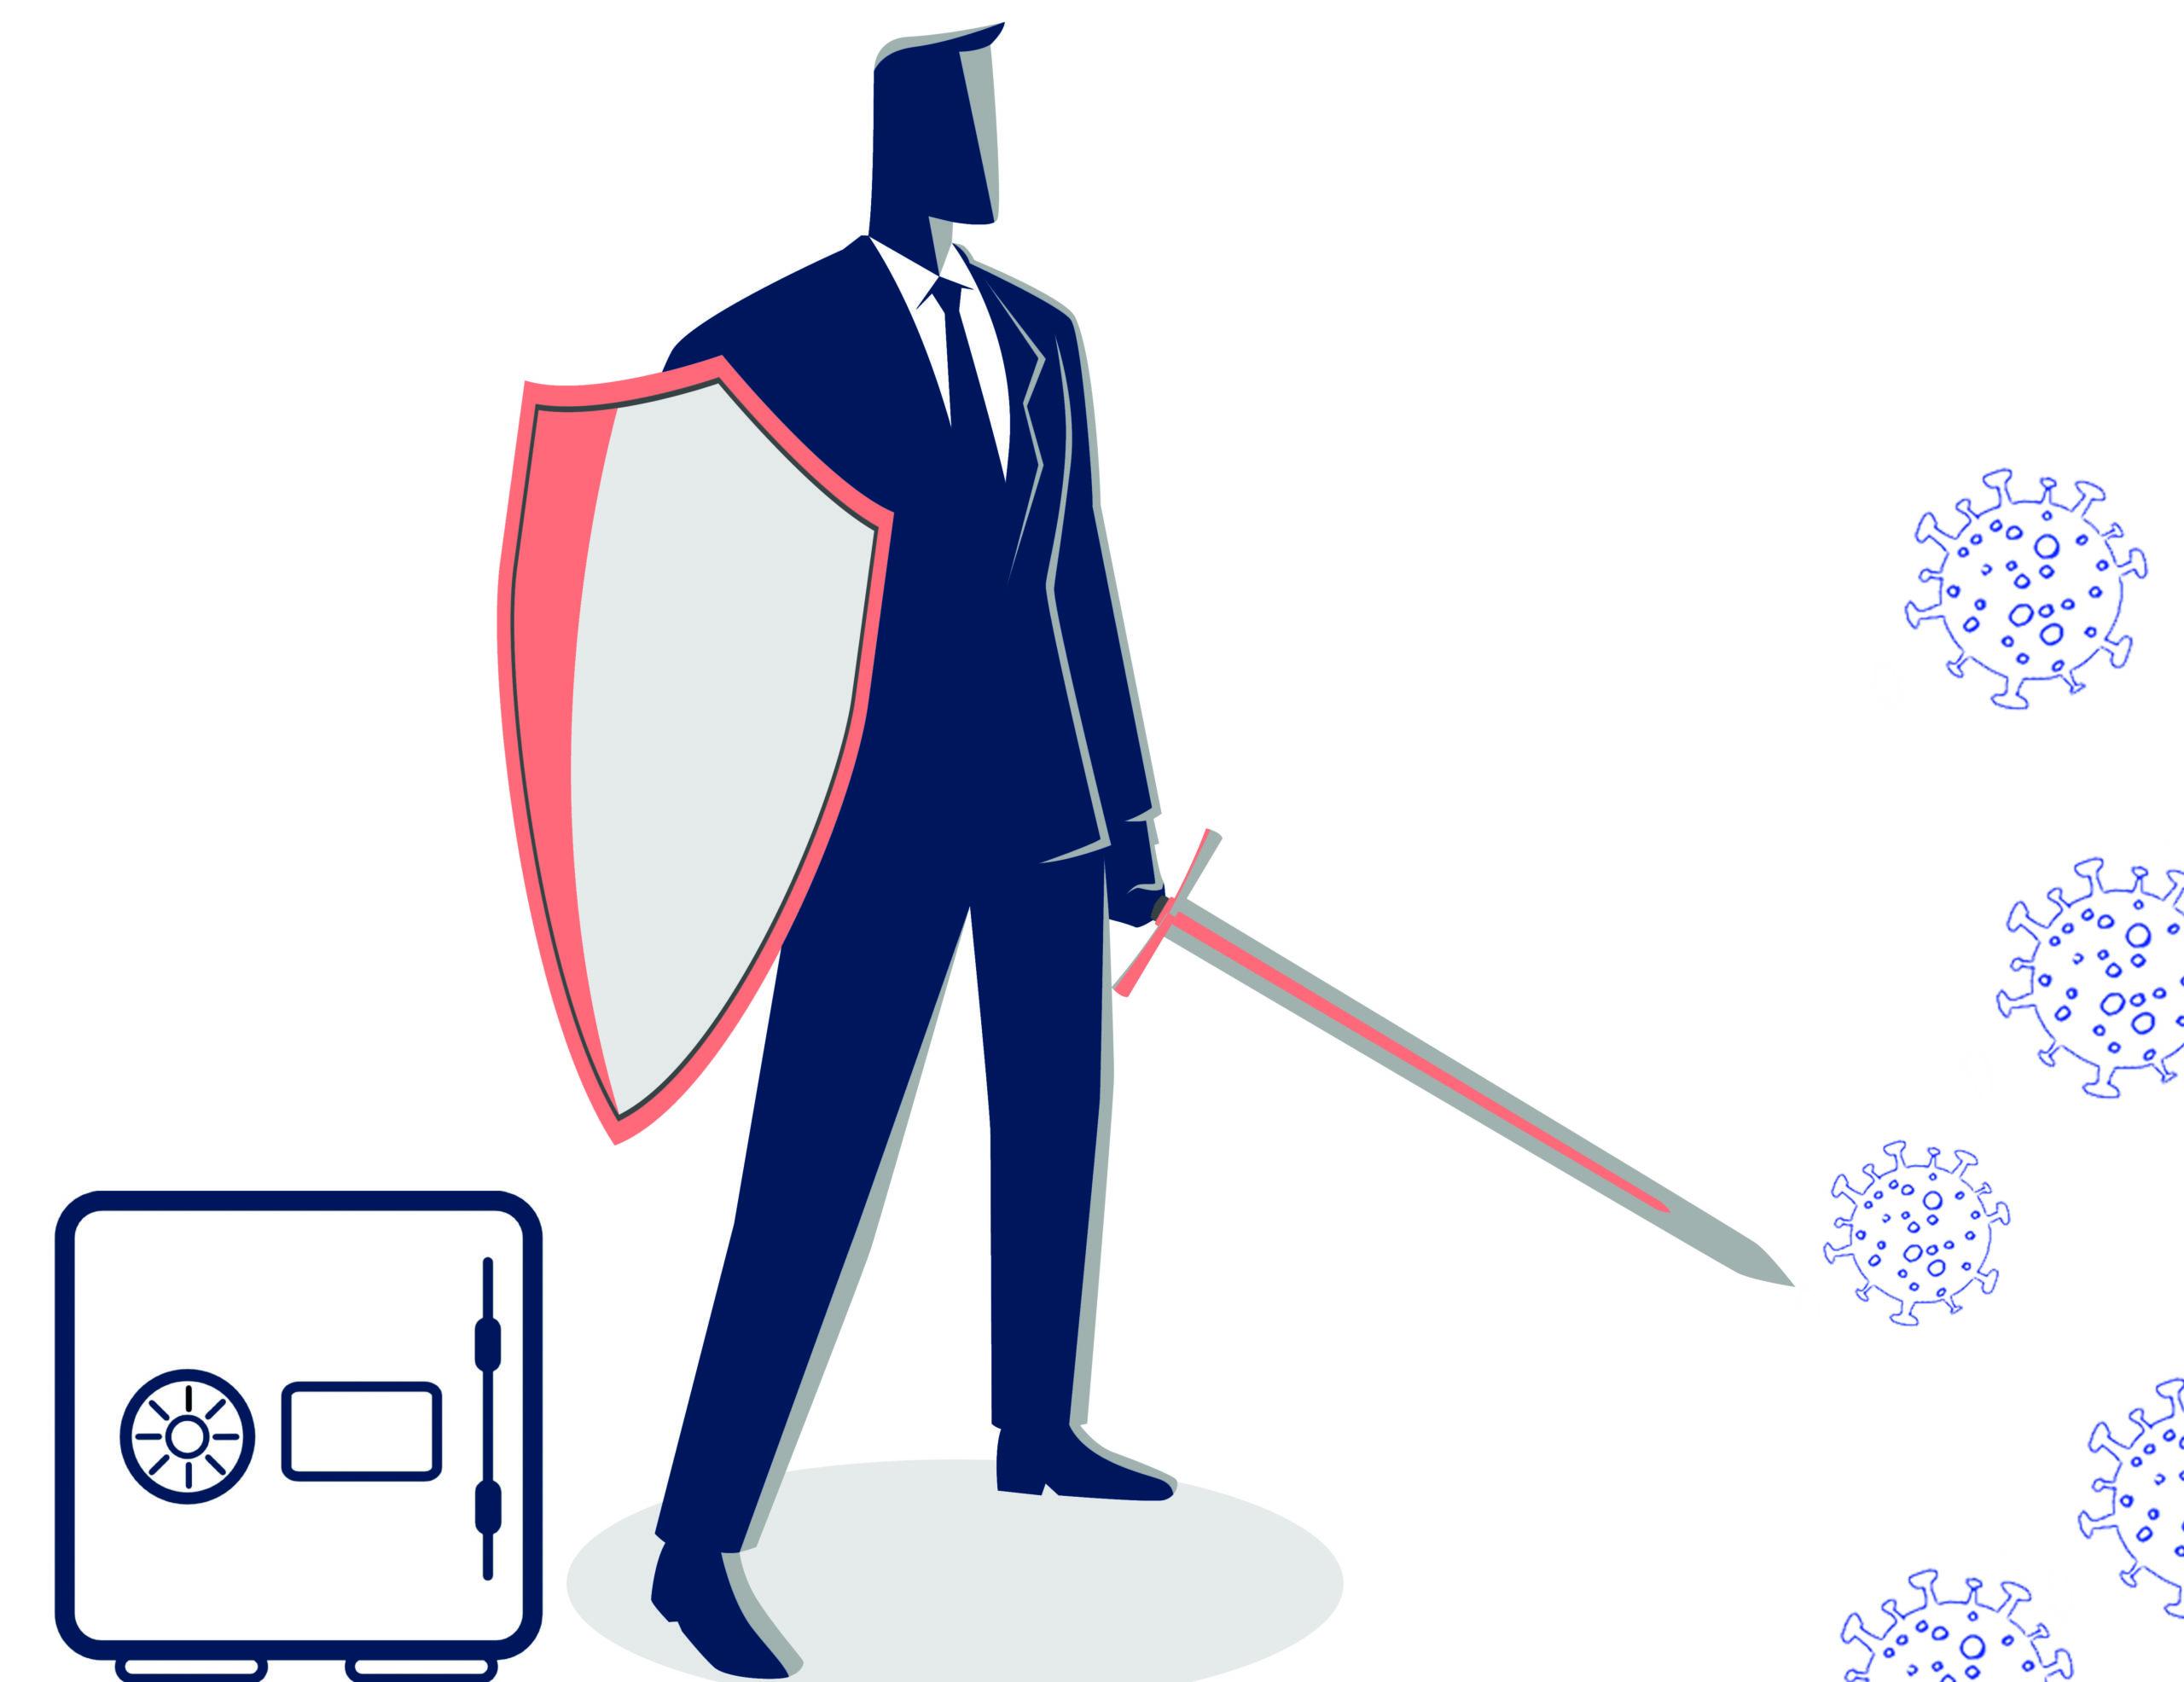 Face à l'épidémie du Coronavirus - COVID 19, les entreprises doivent adapter leur gestion de trésorerie et votre cabinet d'expertise comptable est mobilisé pour vous aider.